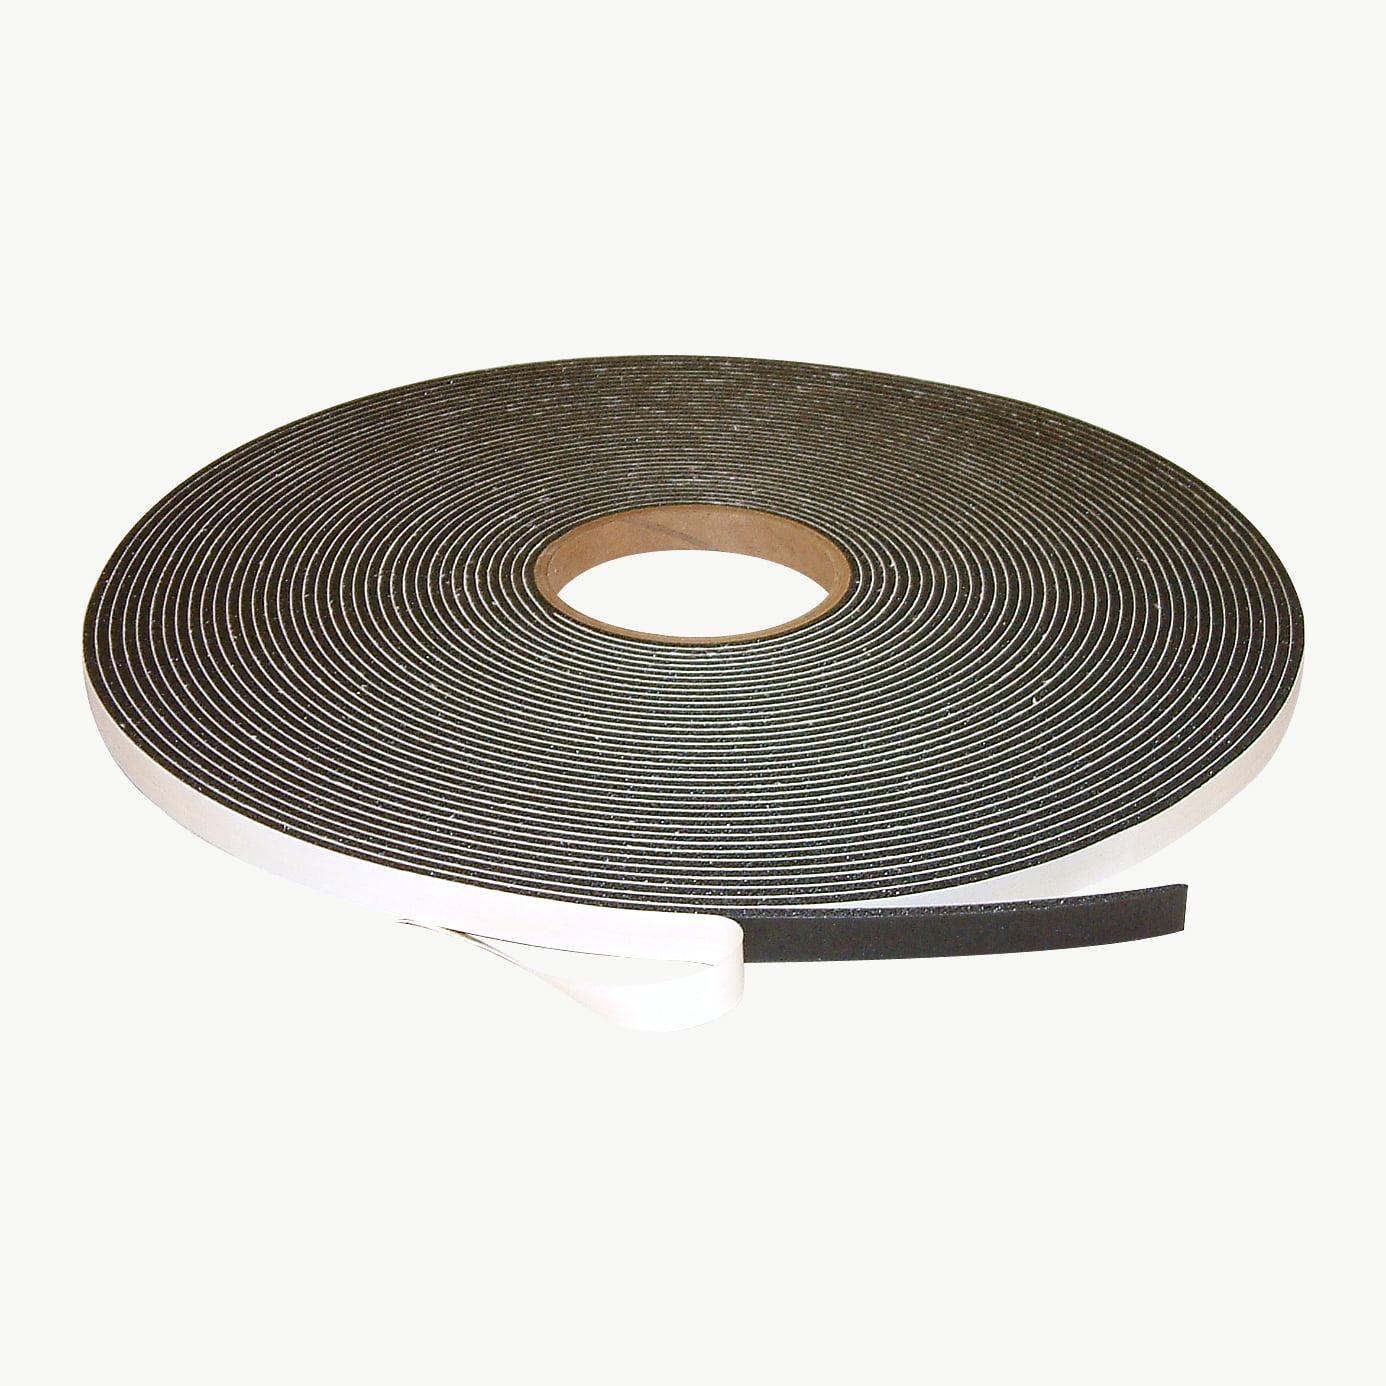 JVCC SCF-01 Single Coated PVC Foam Tape: 1/8 in. thick x 1/2 in. x 75 ft. (Black)